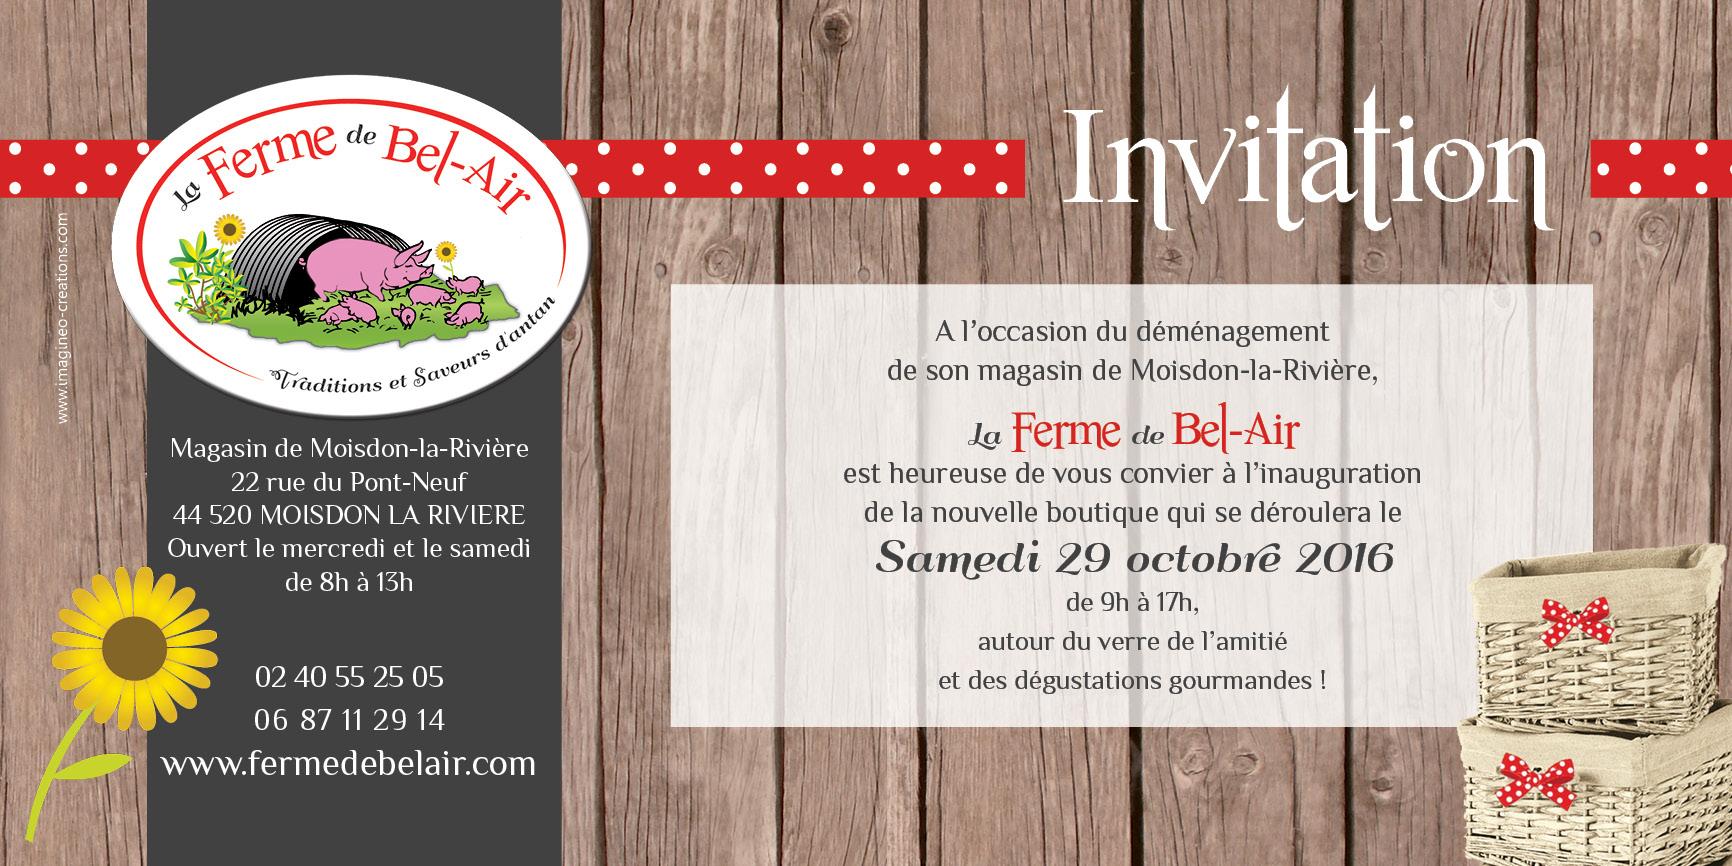 invitation inauguration ferme de bel air, ouverture magasin moisdon la riviere, octobre 2016, dégustations charcuterie, rotisserie